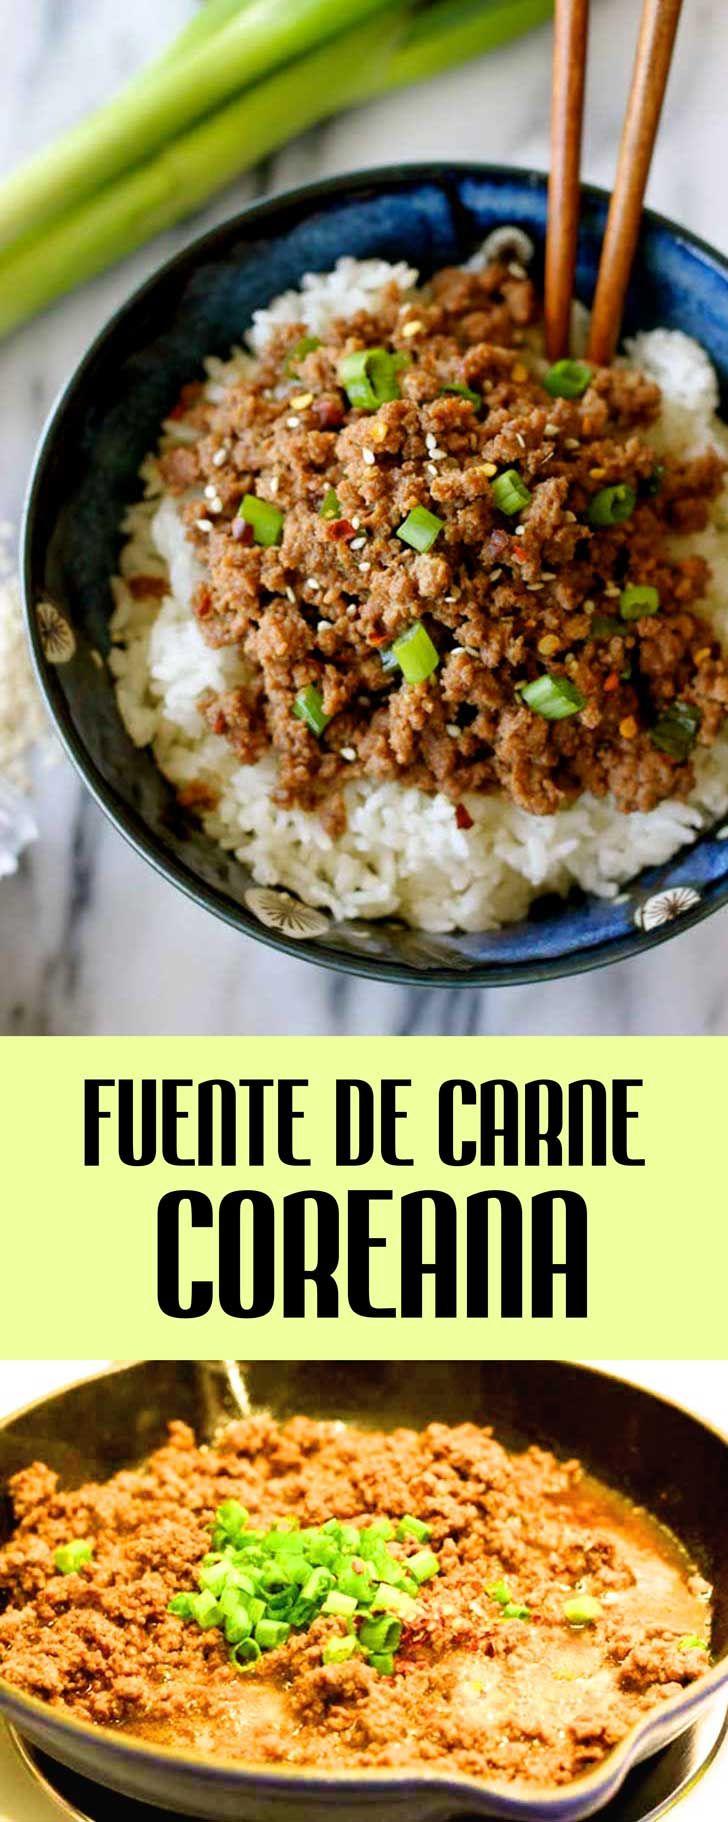 Esta receta express te permitirá estar disfrutando de los sabores oriente en tan sólo 15 minutos.